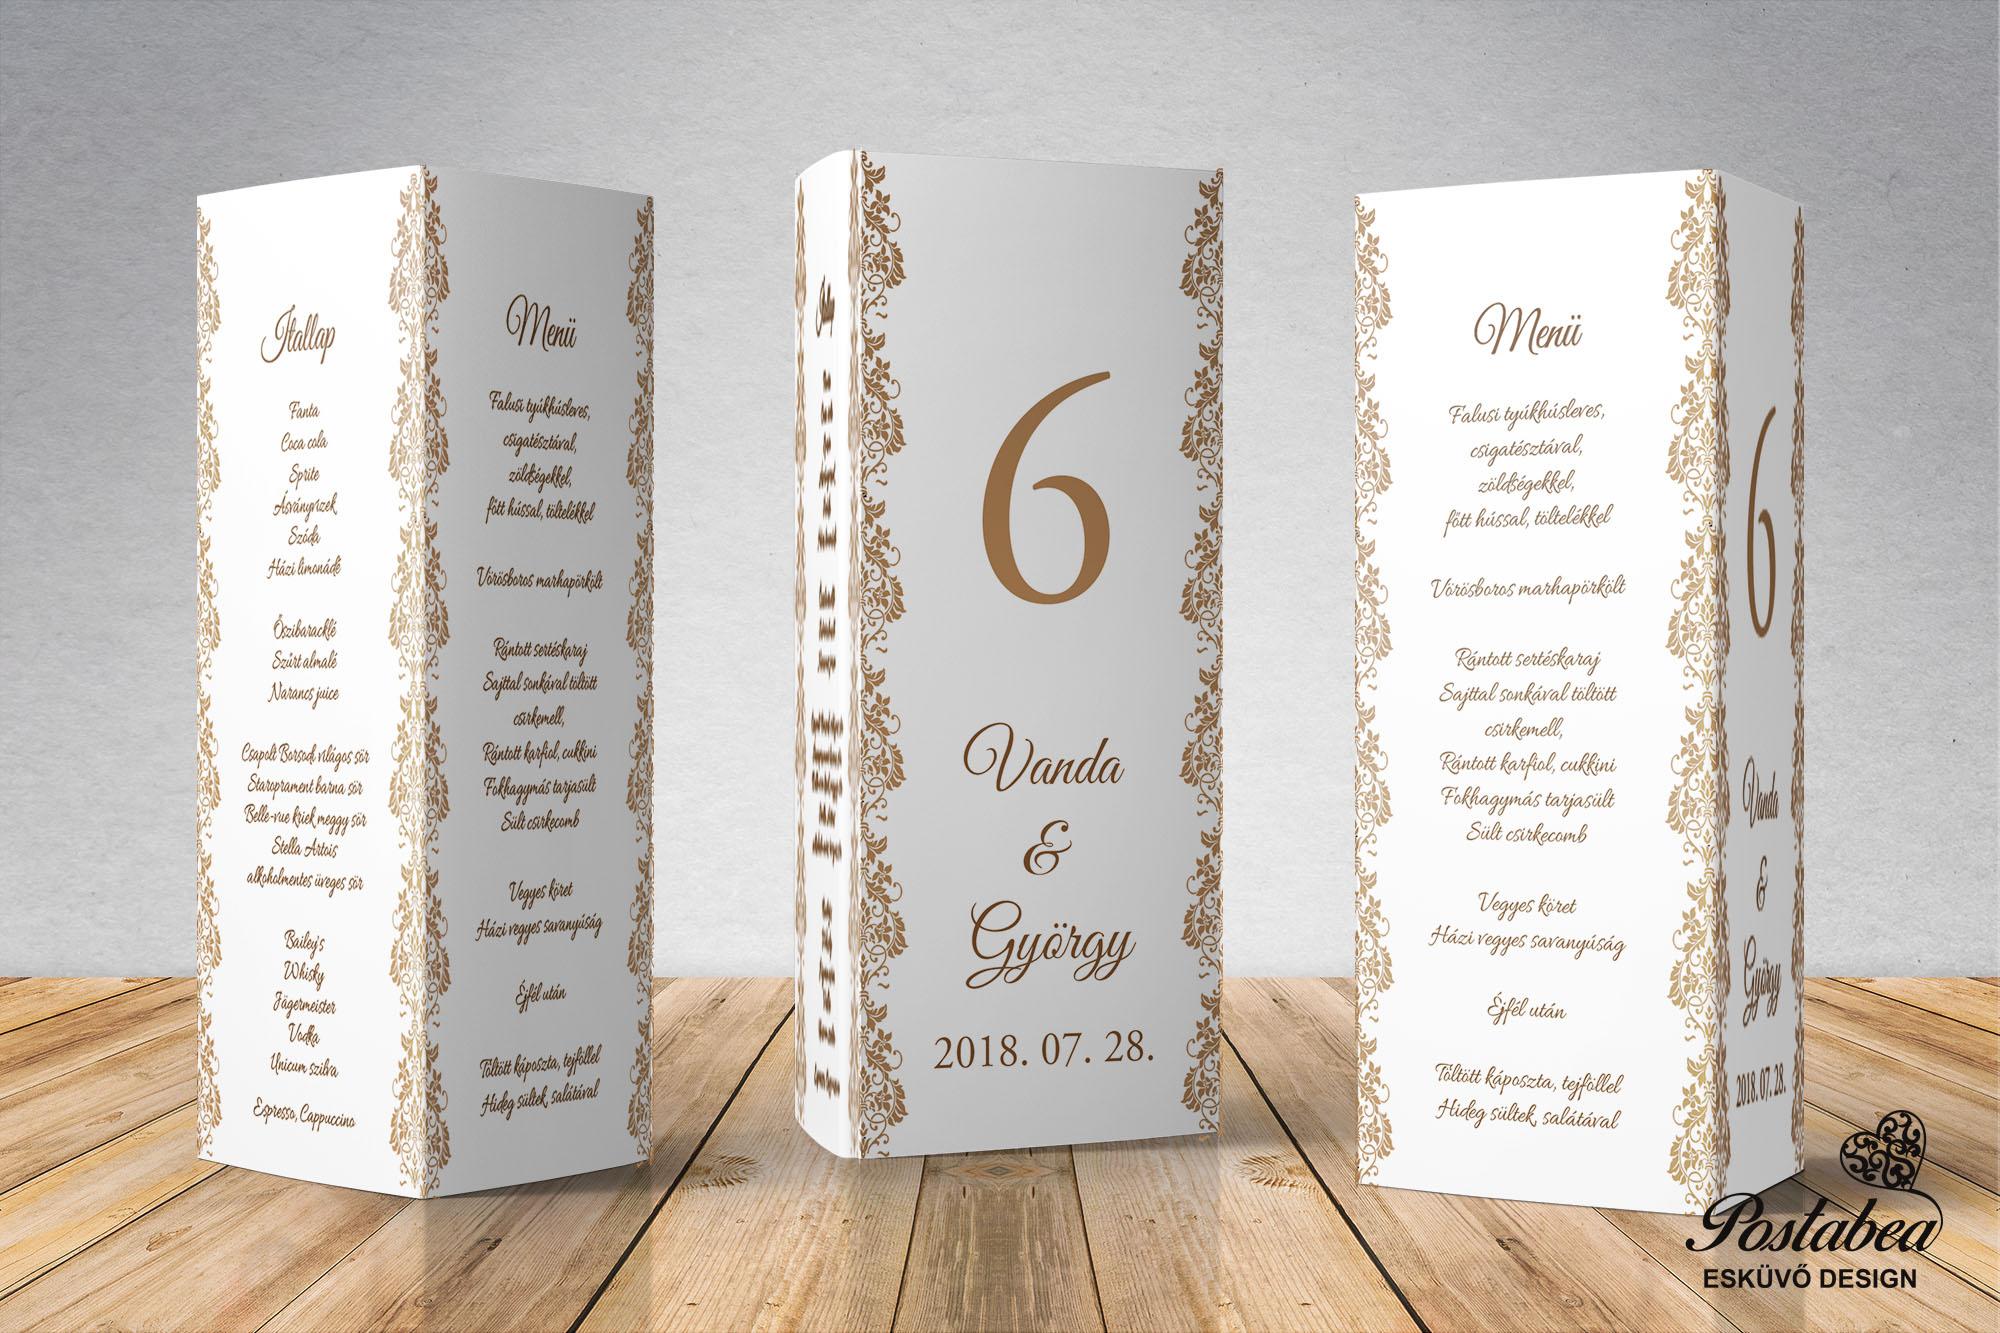 8efaee116f Esküvői menükártya, menülap, menühenger, esküvői asztalszám, esküvő ...